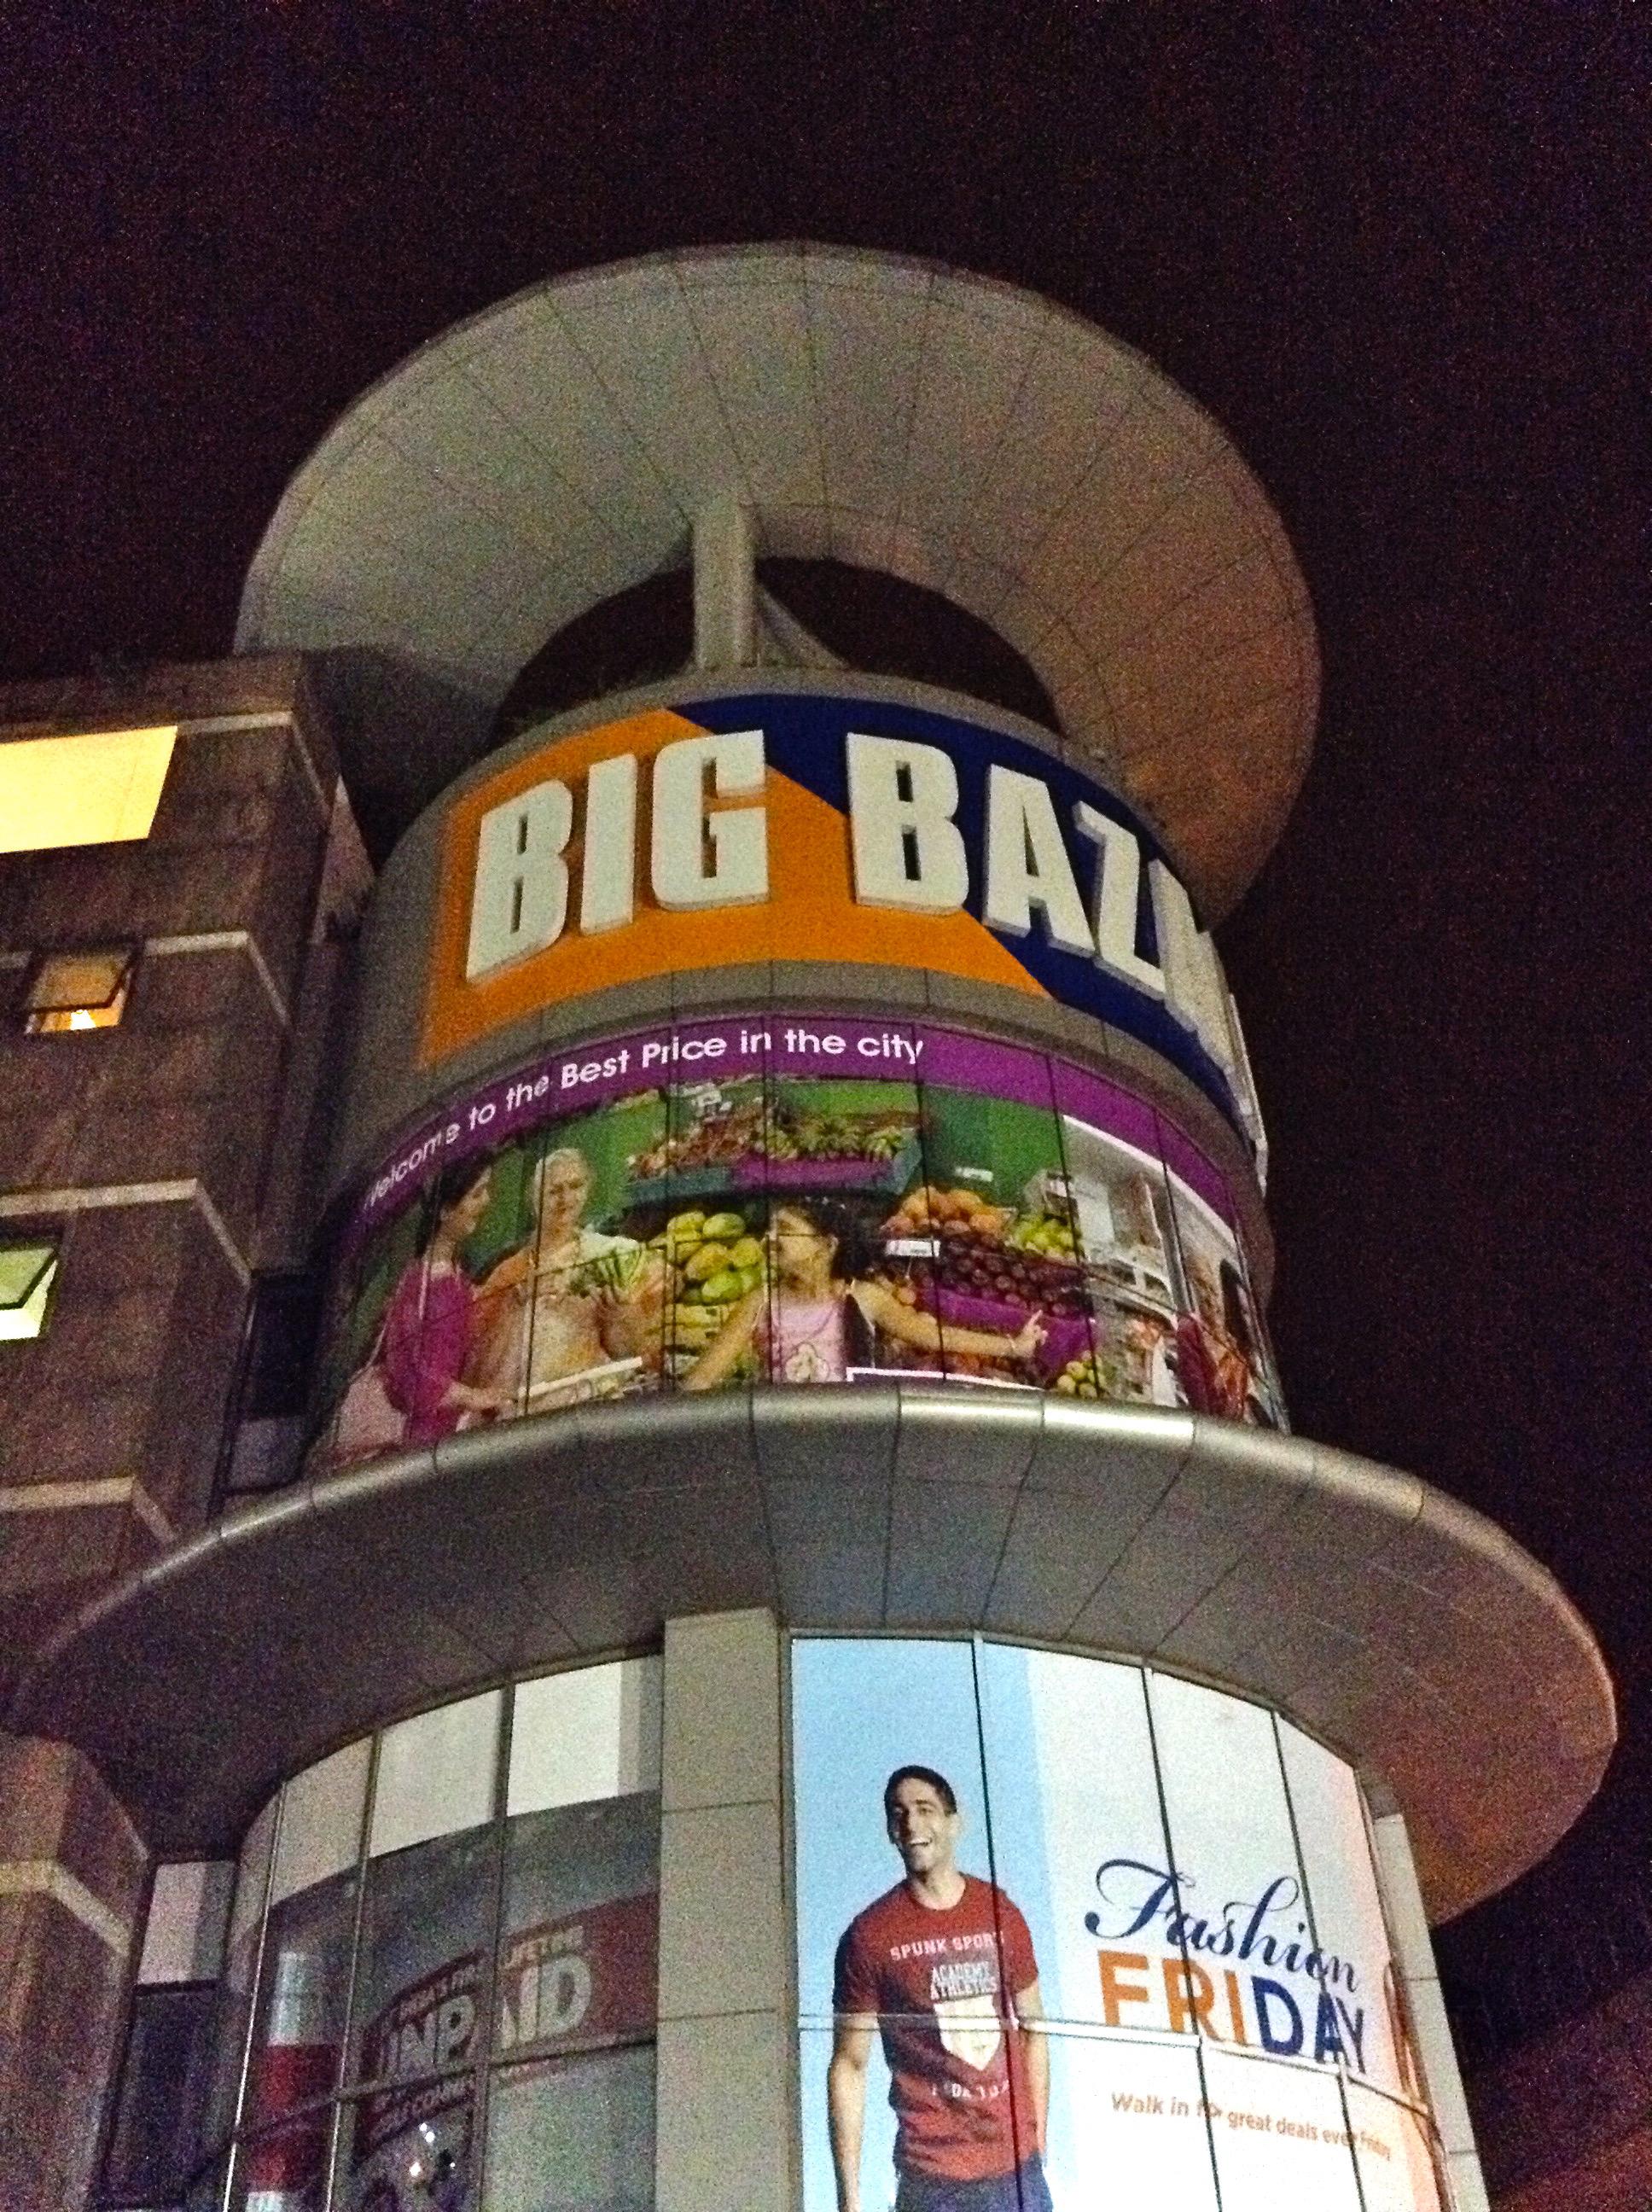 BIG BAZAAR, India's version of a Walmart Super Center.